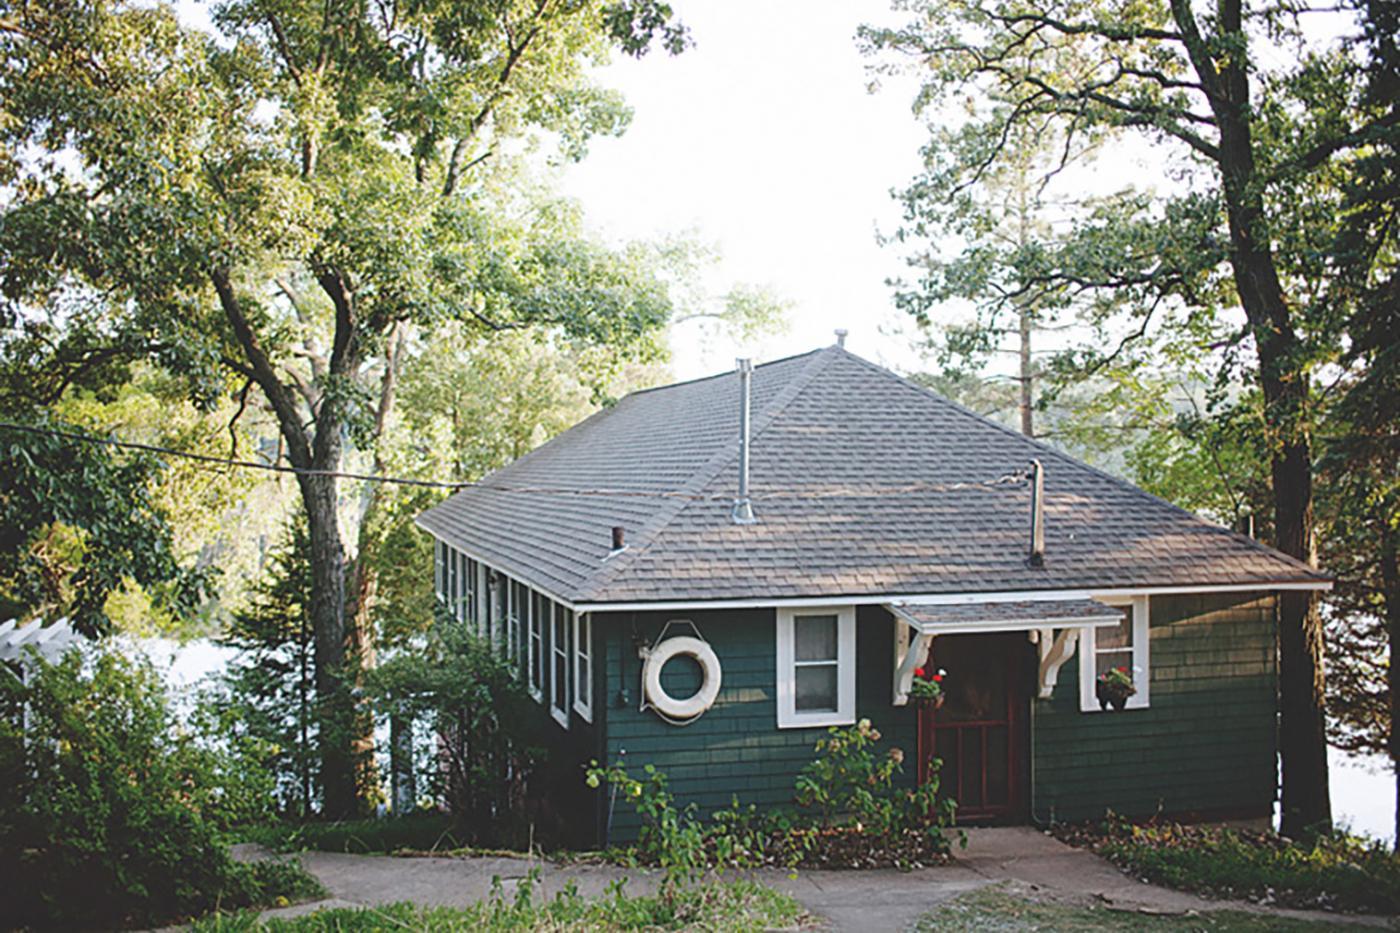 Take in the fresh air at Camp Wandawega, every camper's dream.